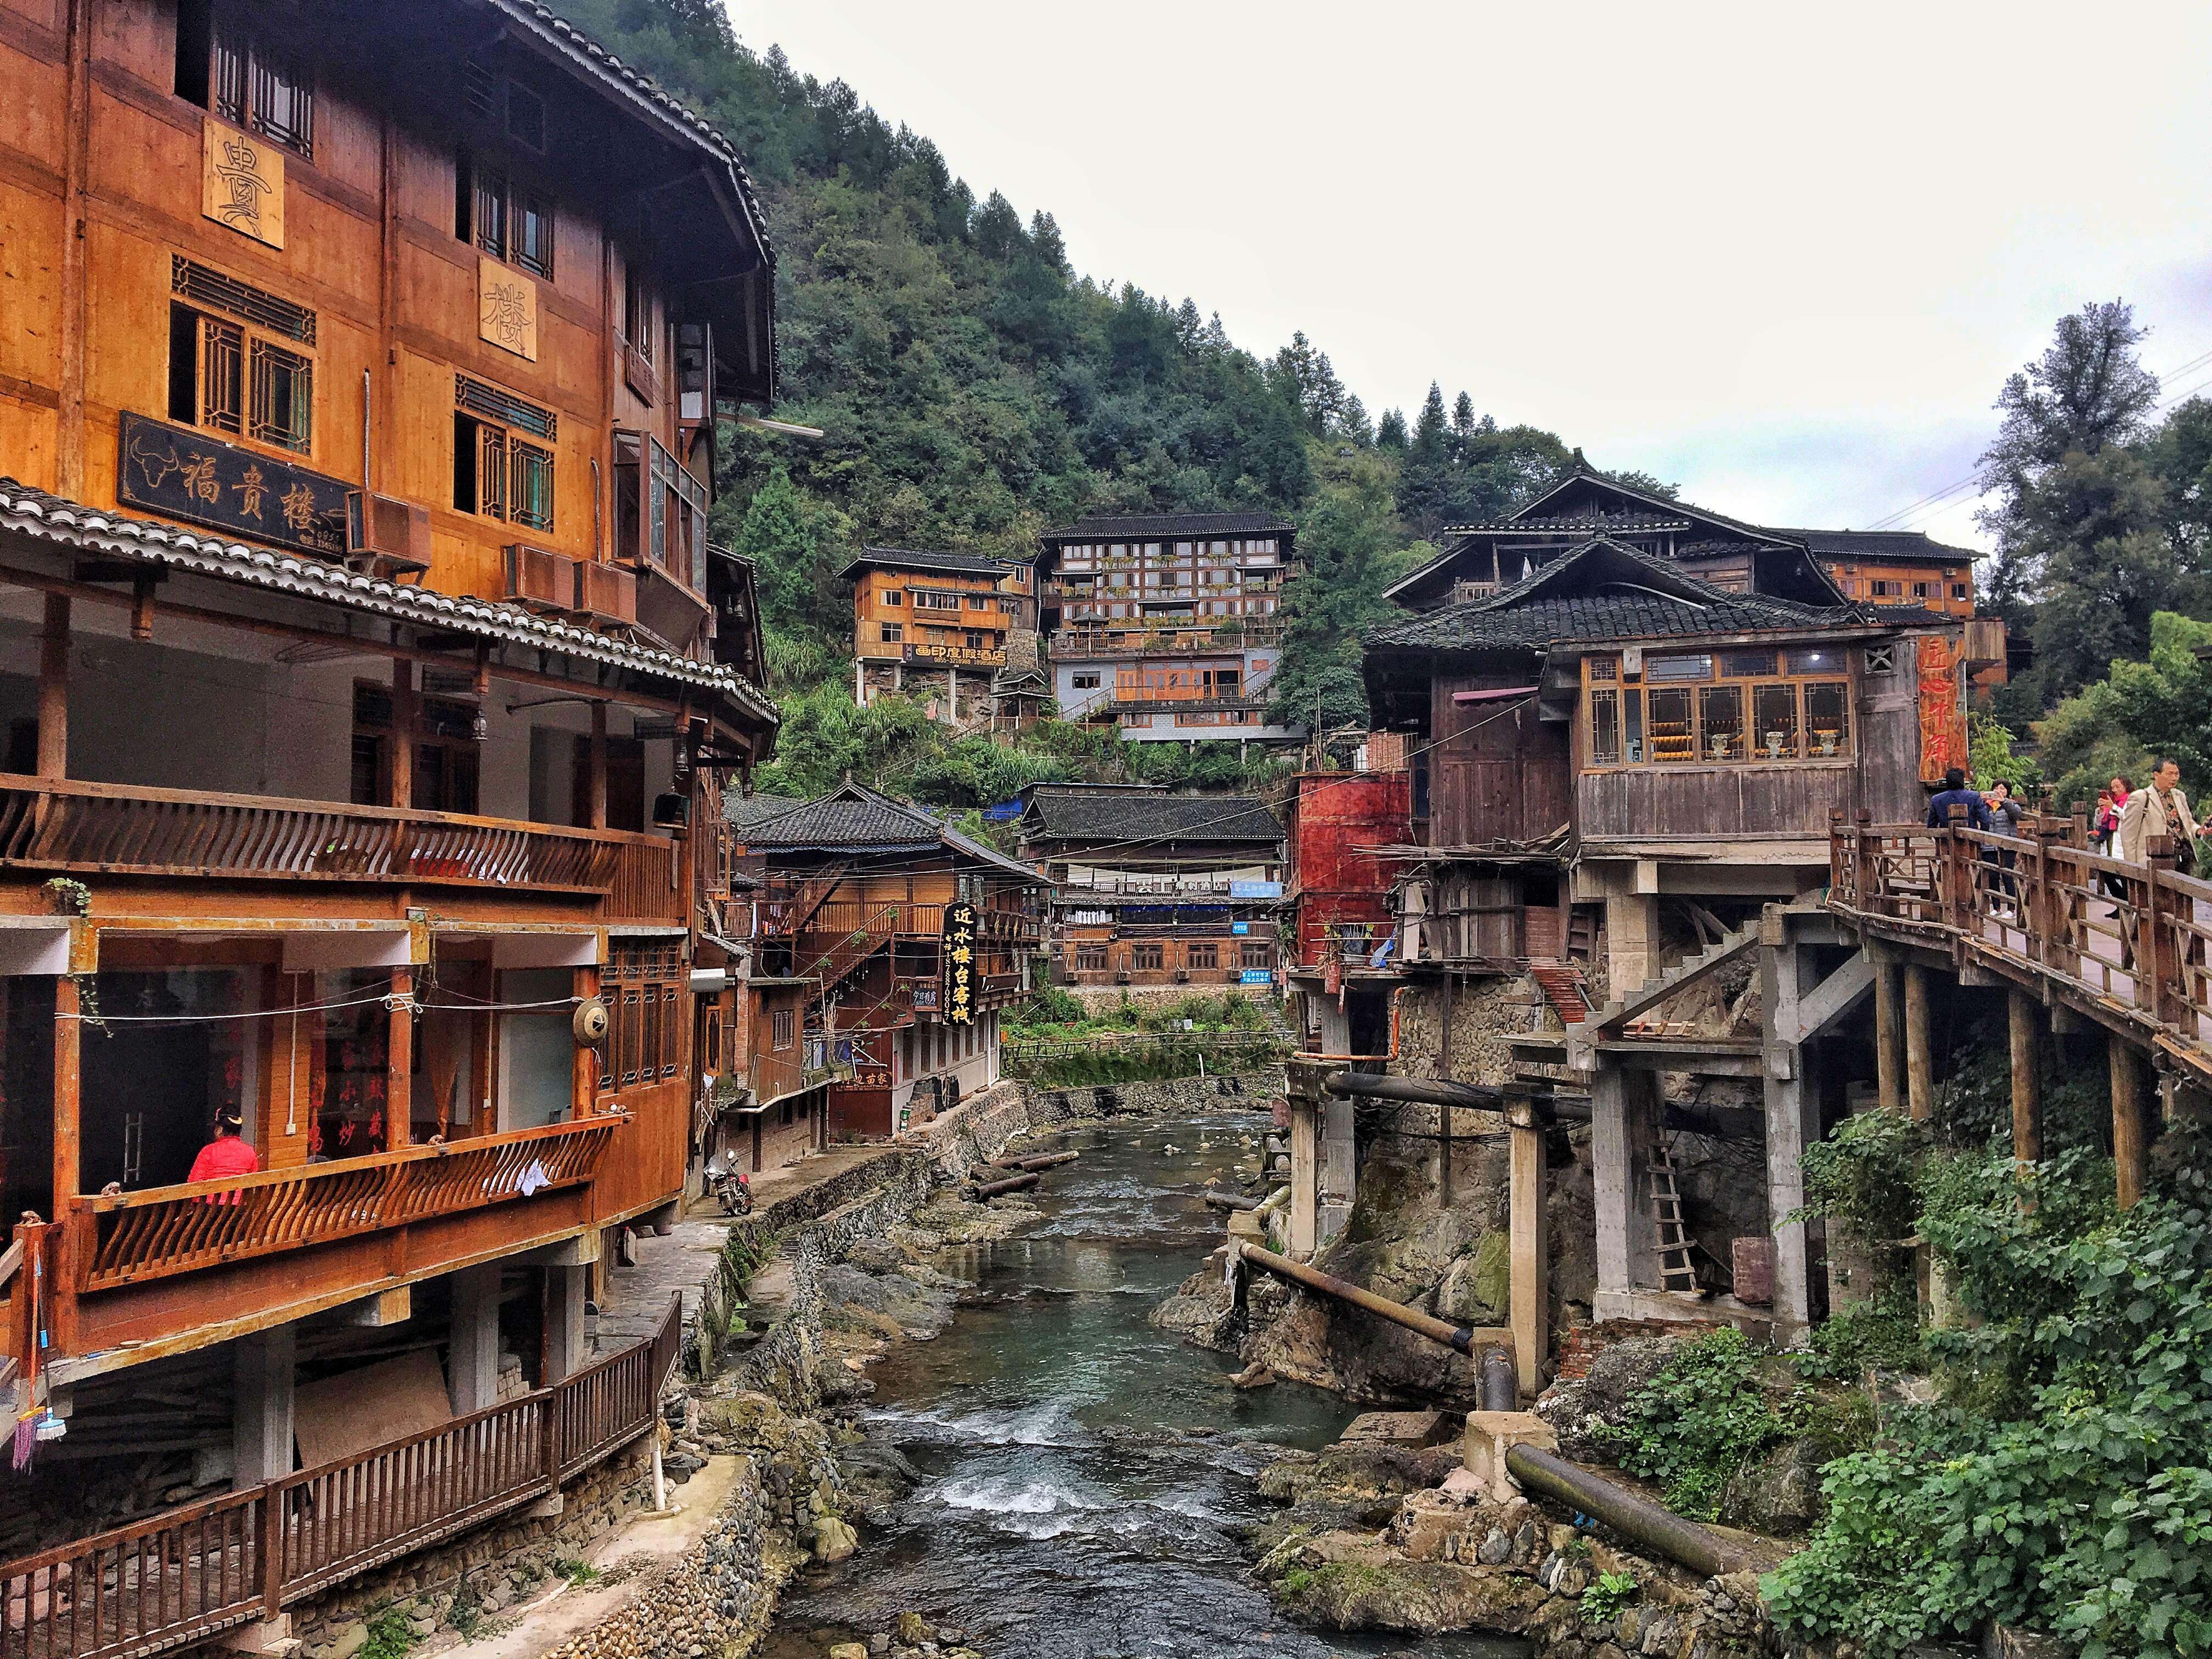 Le village de Zhaoxing, une des 6 villes d'Asie à visiter en 2018